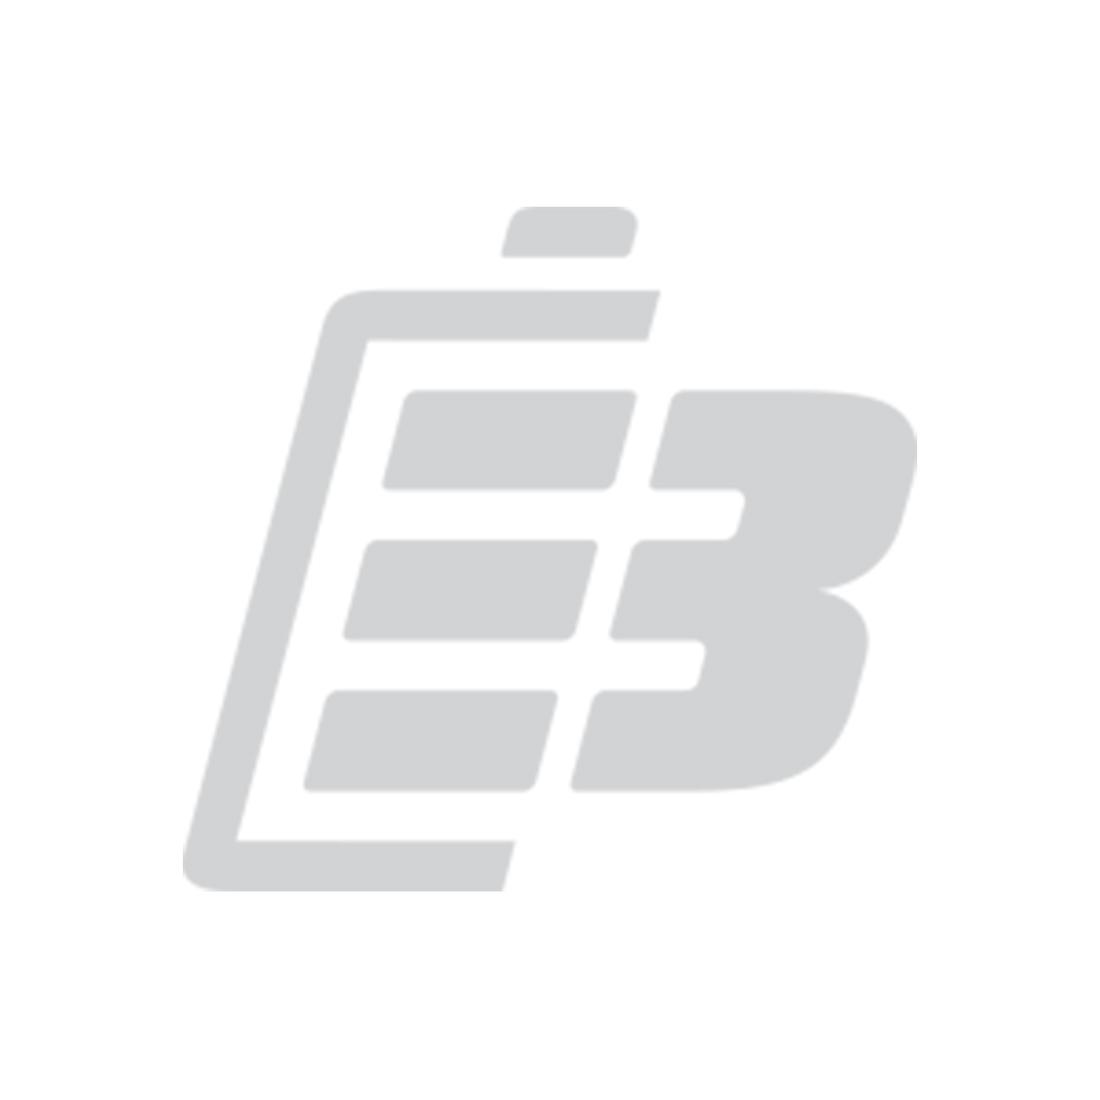 Μπαταρία smartphone Alcatel One Touch 975_1